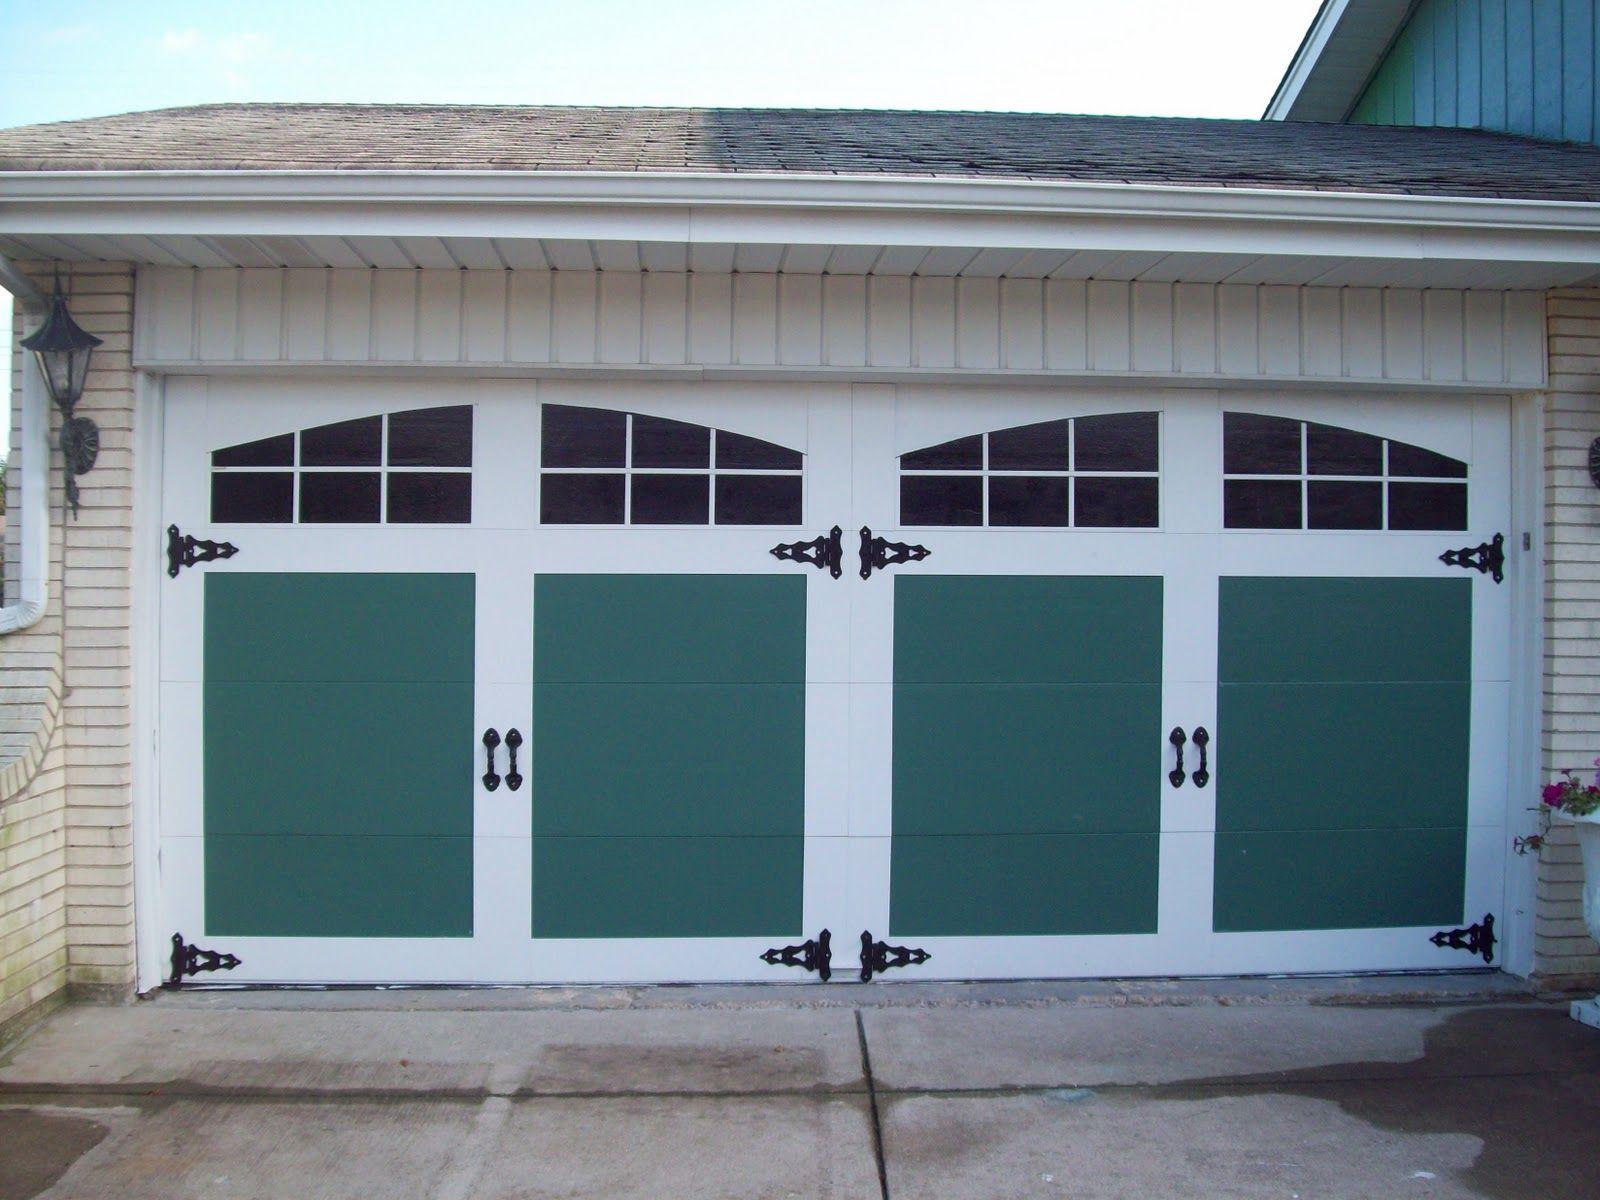 Painted And Raised Panel Garage Door Facelift General Splendour Garage Doors Garage Door Windows Carriage Garage Doors